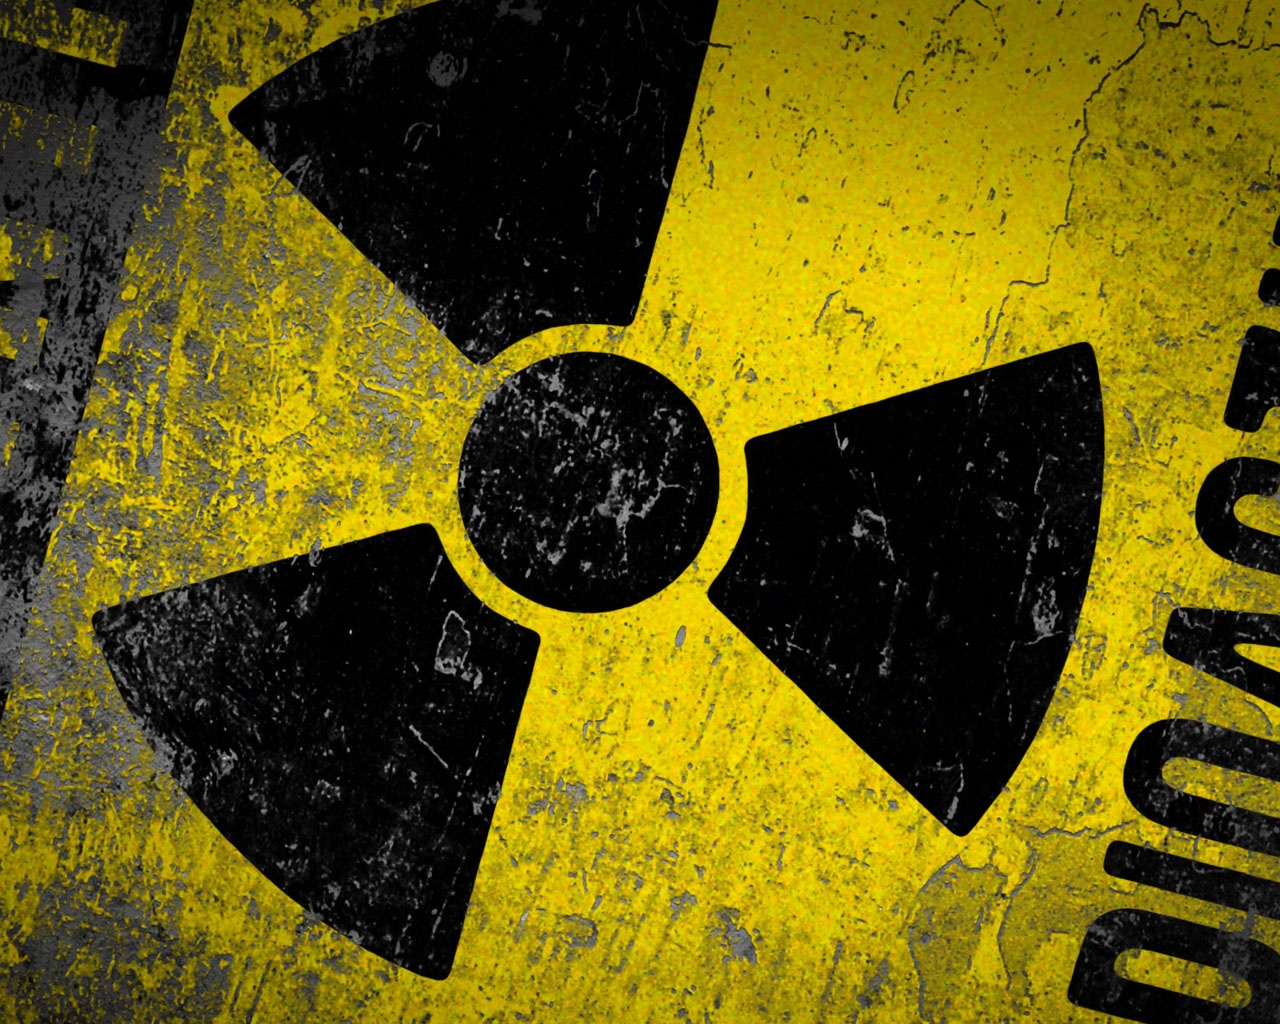 22:47 by Info Resist В Украине и странах ЕС зафиксировали повышение концентрации одного из радиоизотопов InfoResist